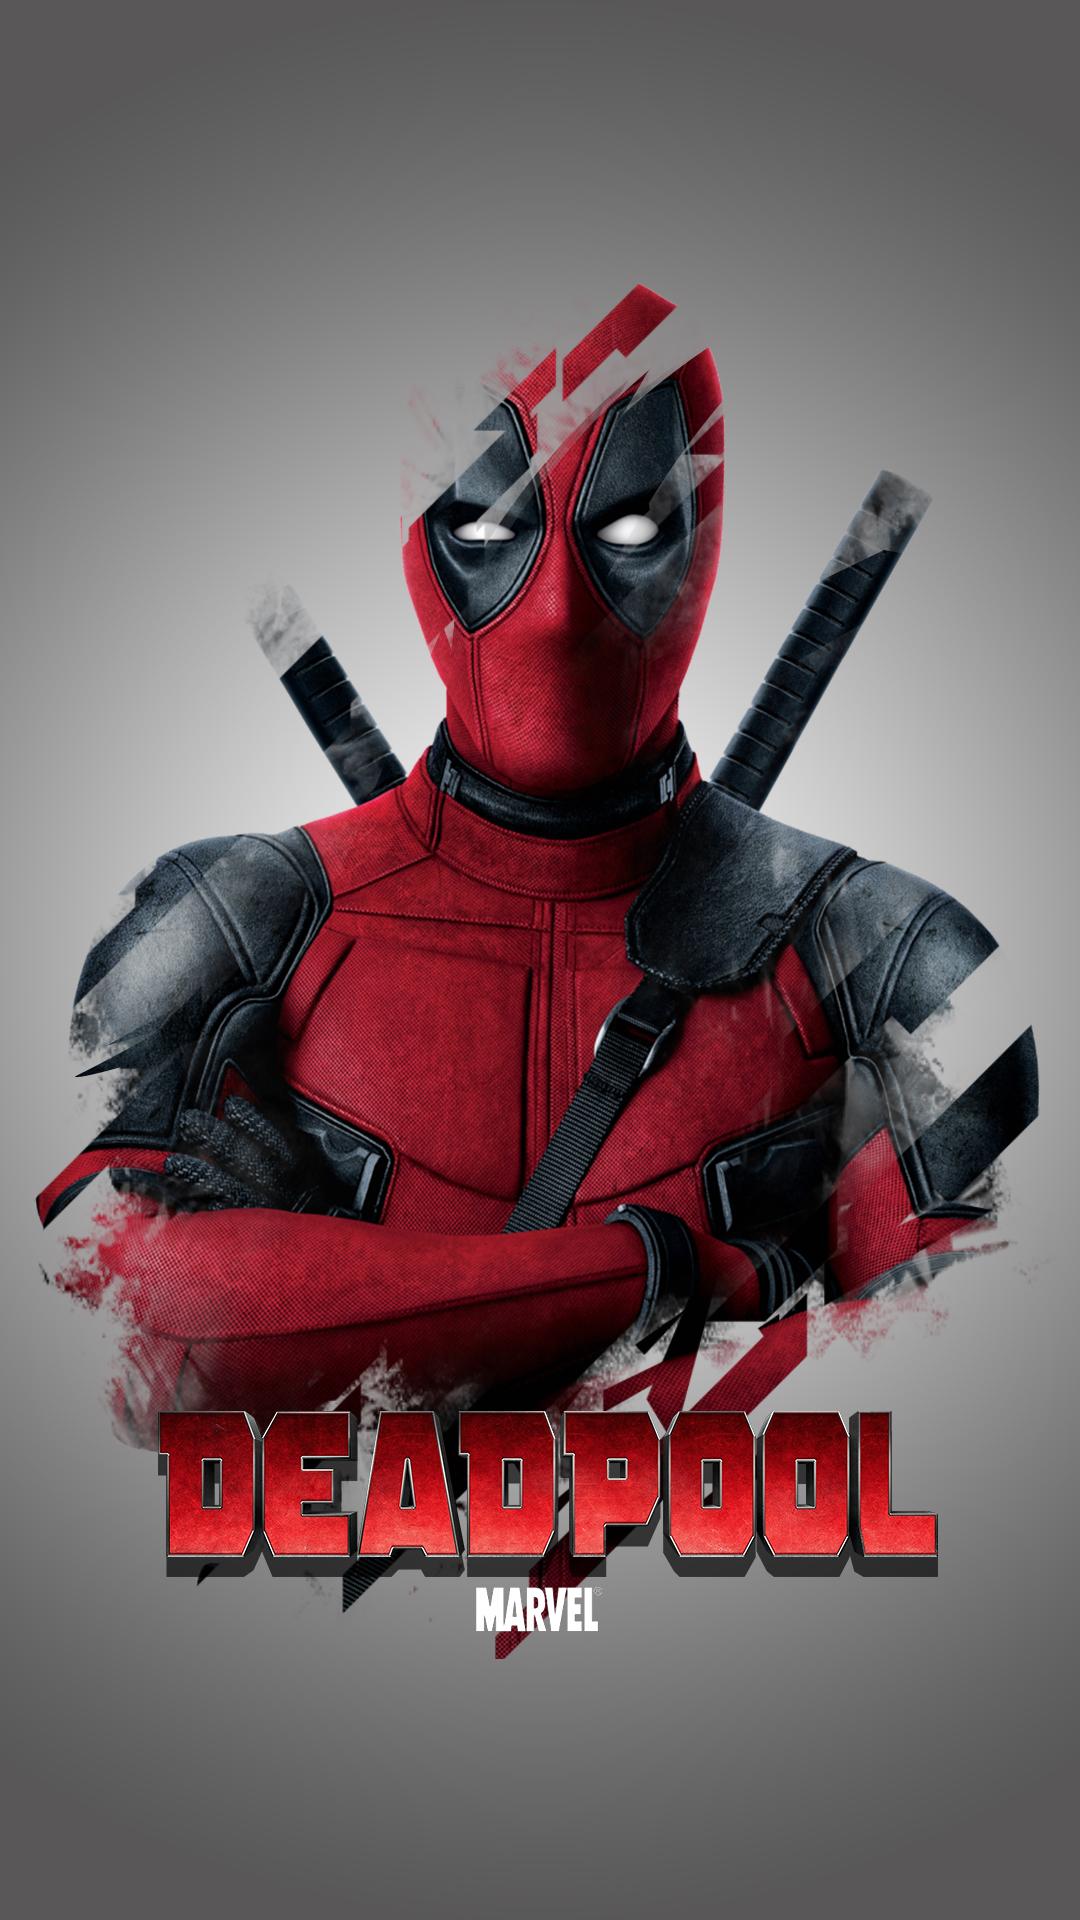 Deadpool Wallpaper Mobile By Tunaozcelik On Deviantart